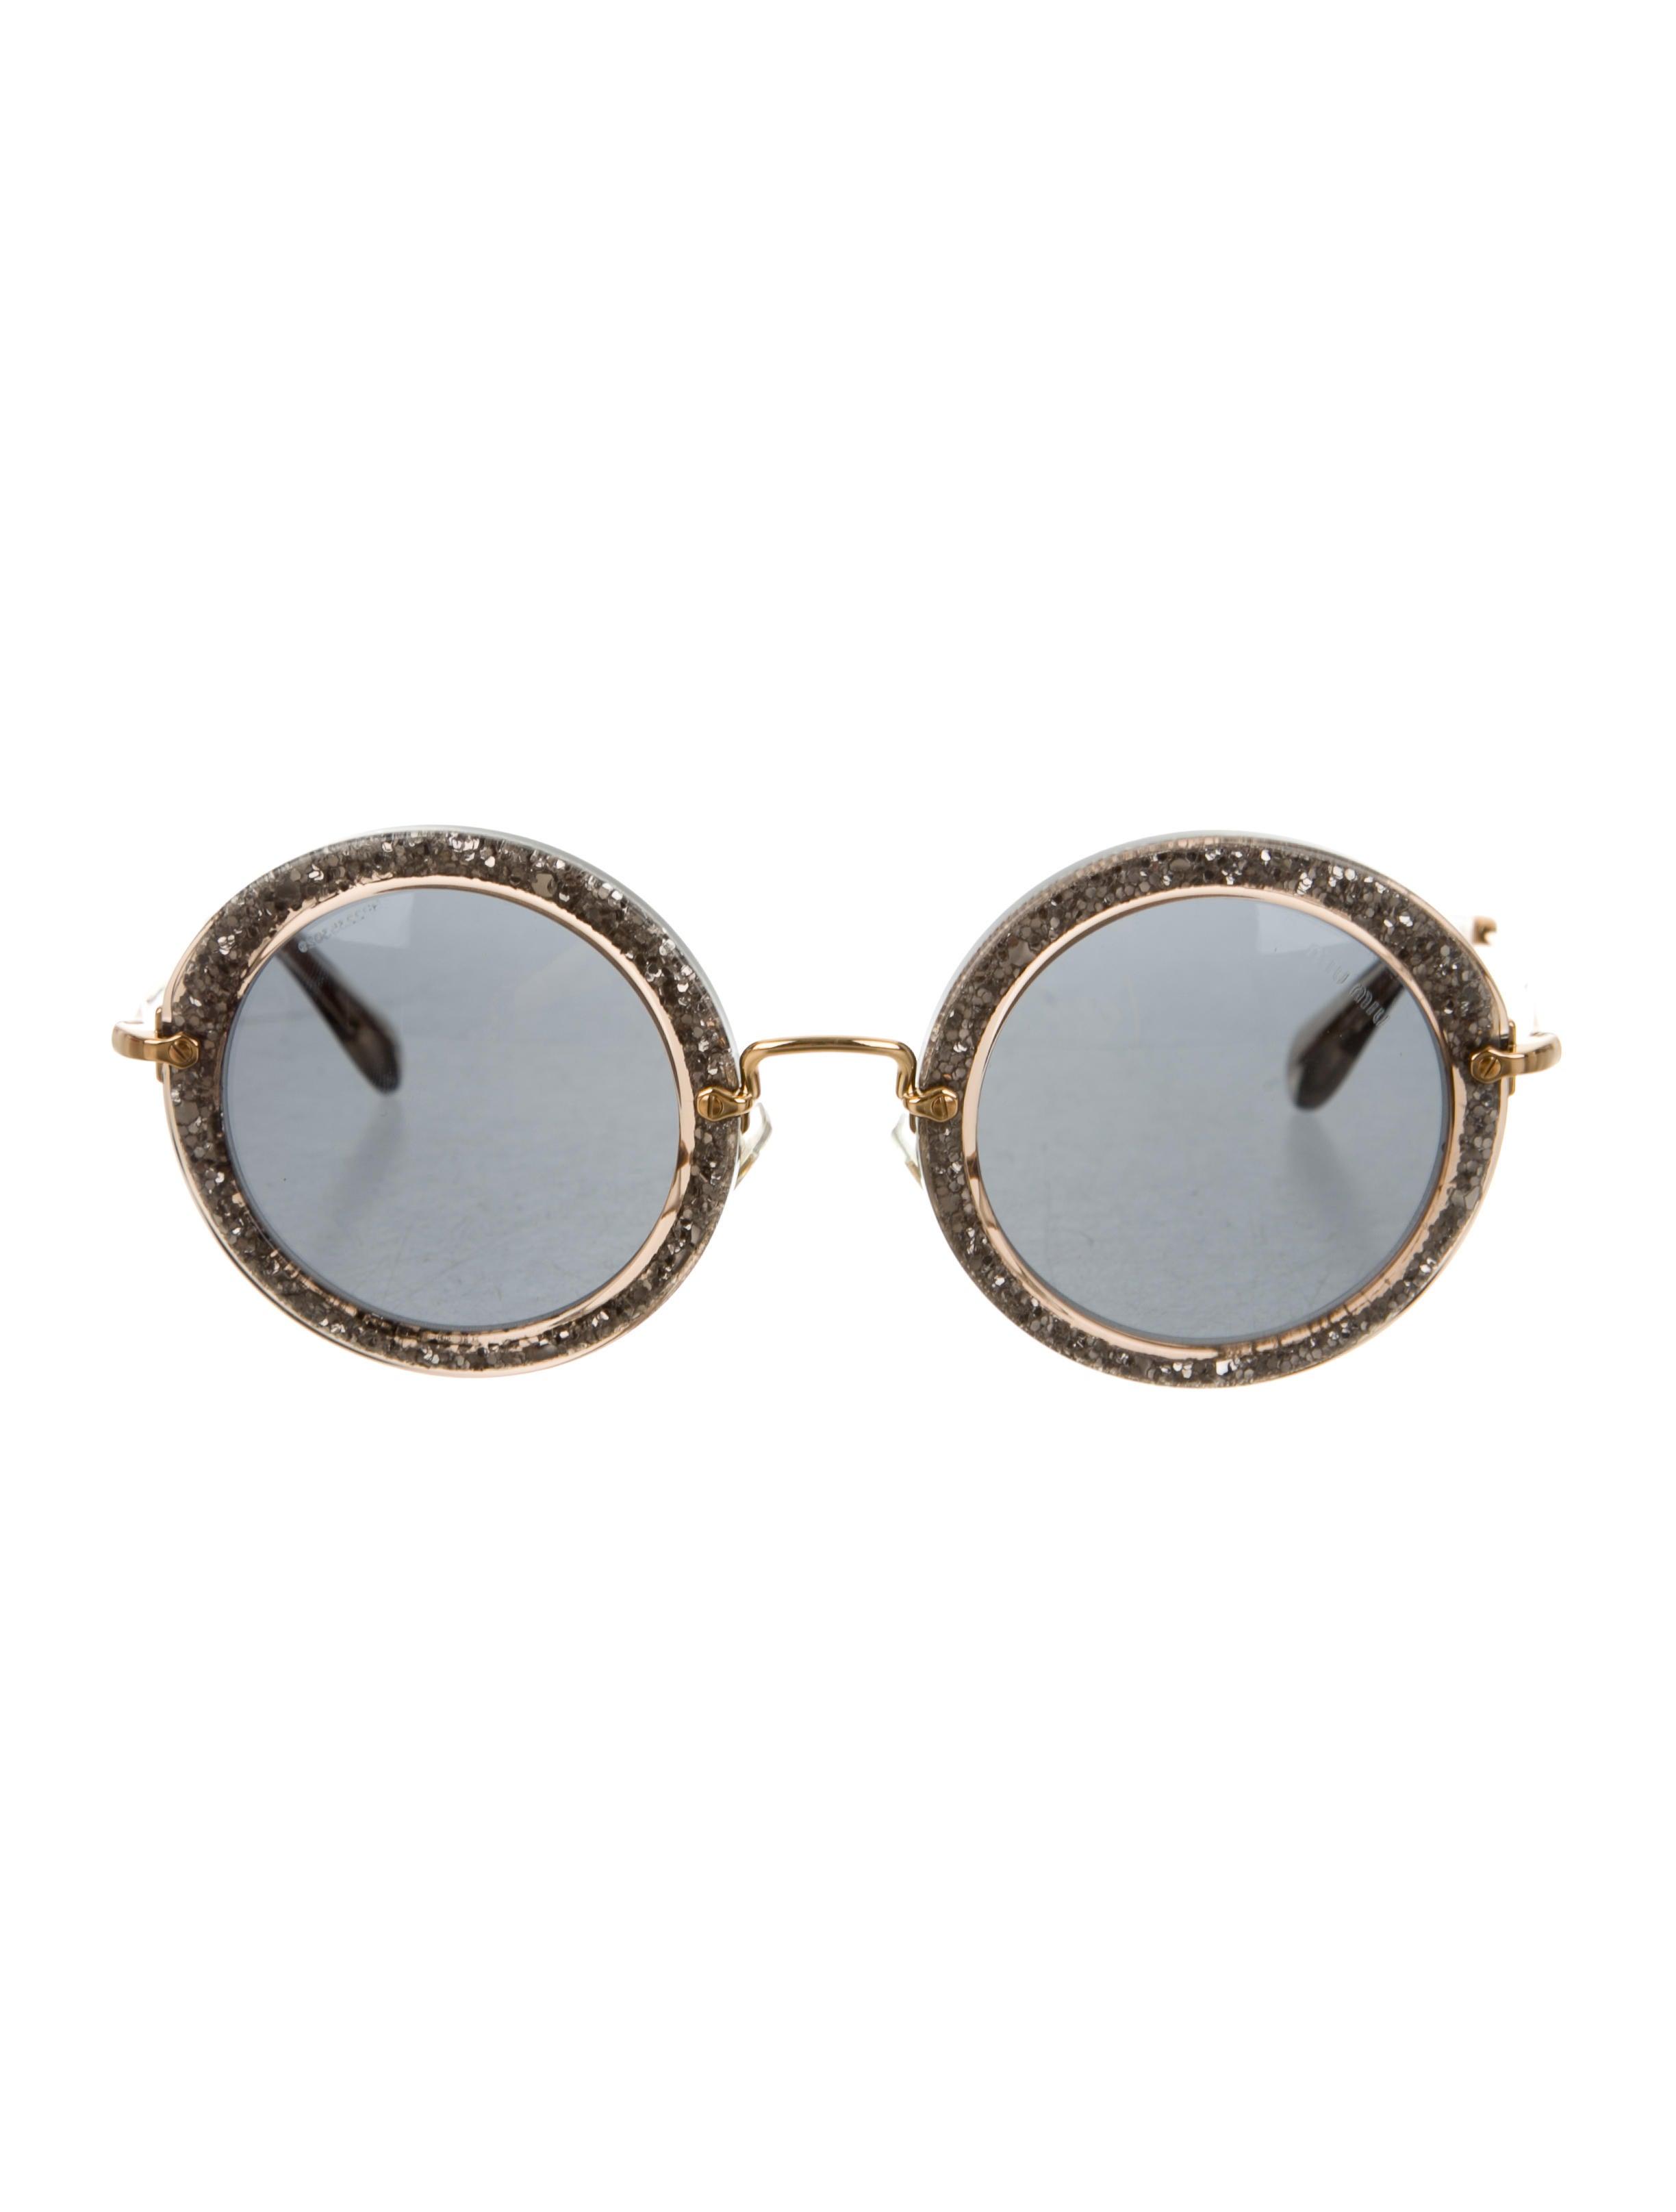 0326386222b Miu Miu Sunglasses Round Glitter